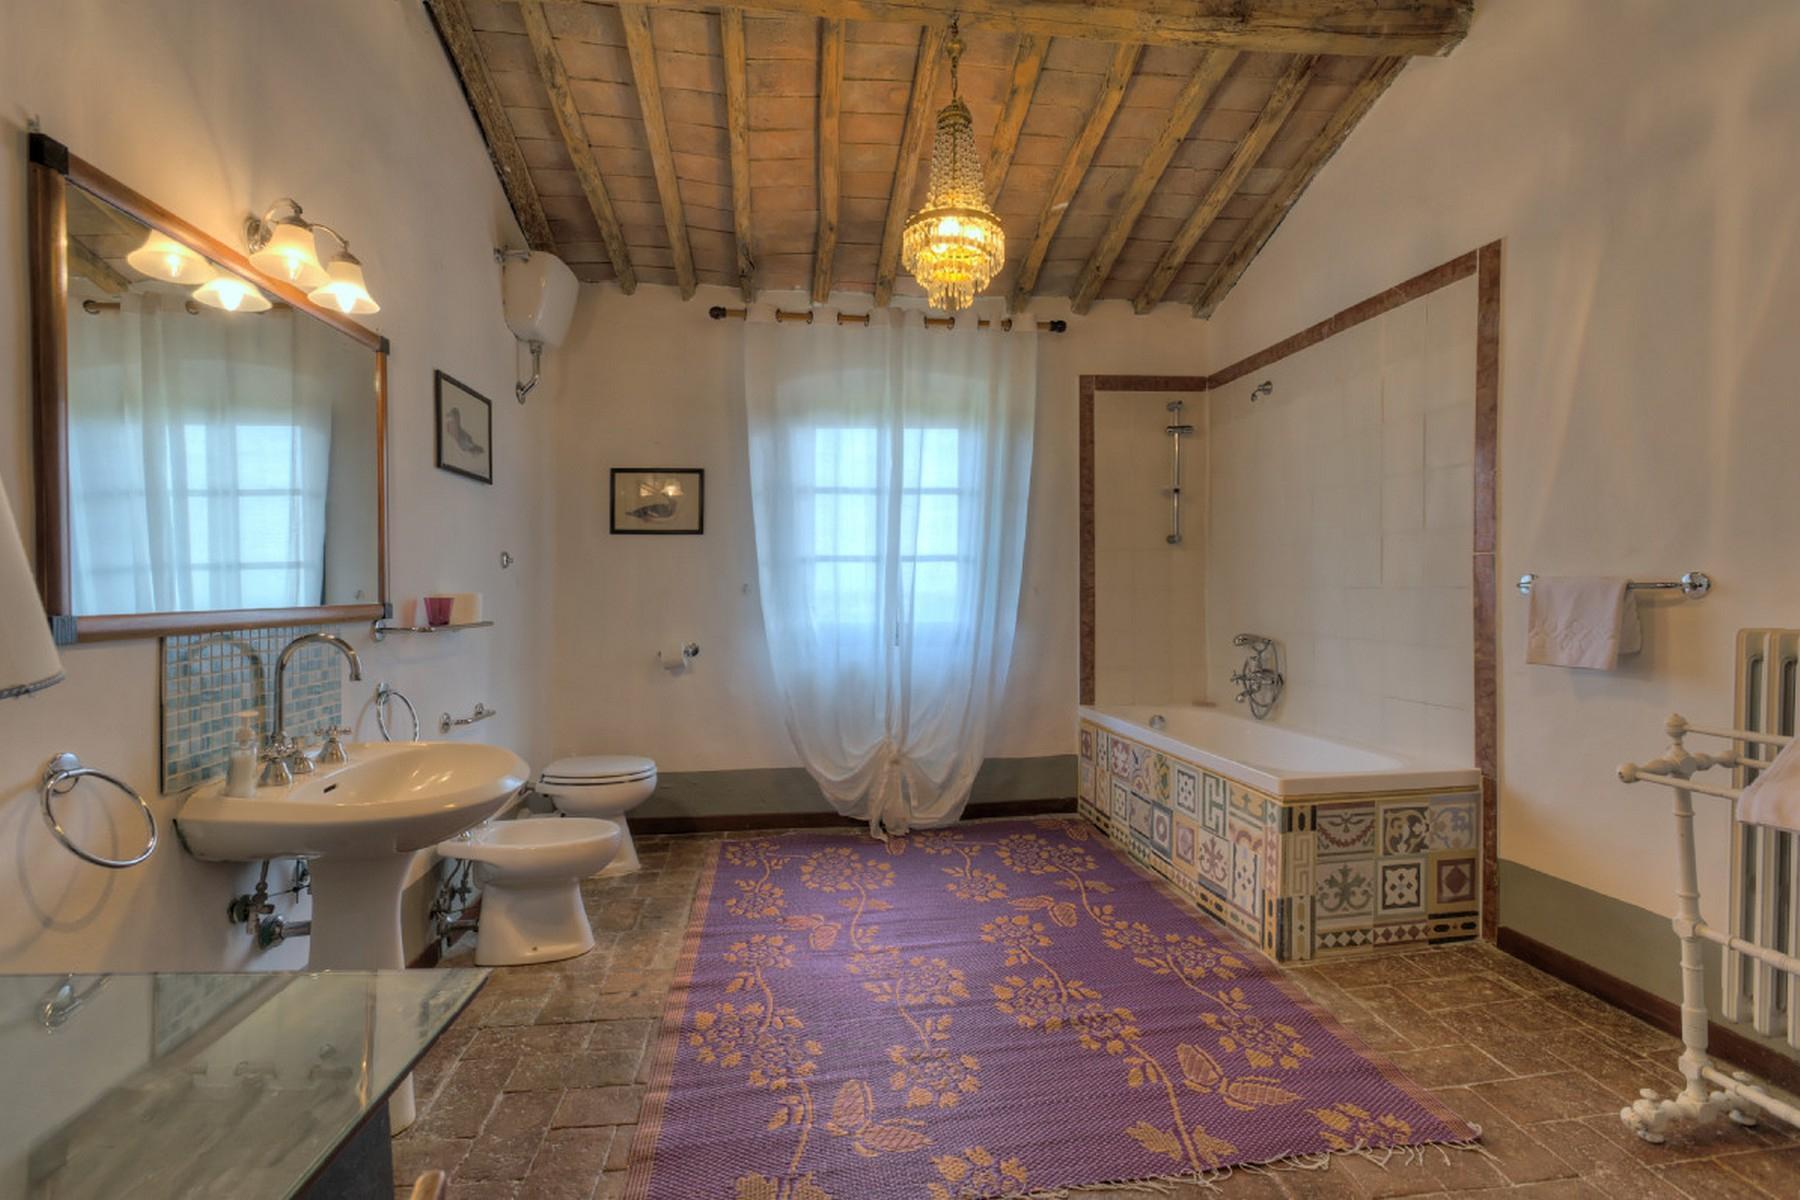 State-of-the-art rustic villa set in Florentine Chianti - 17